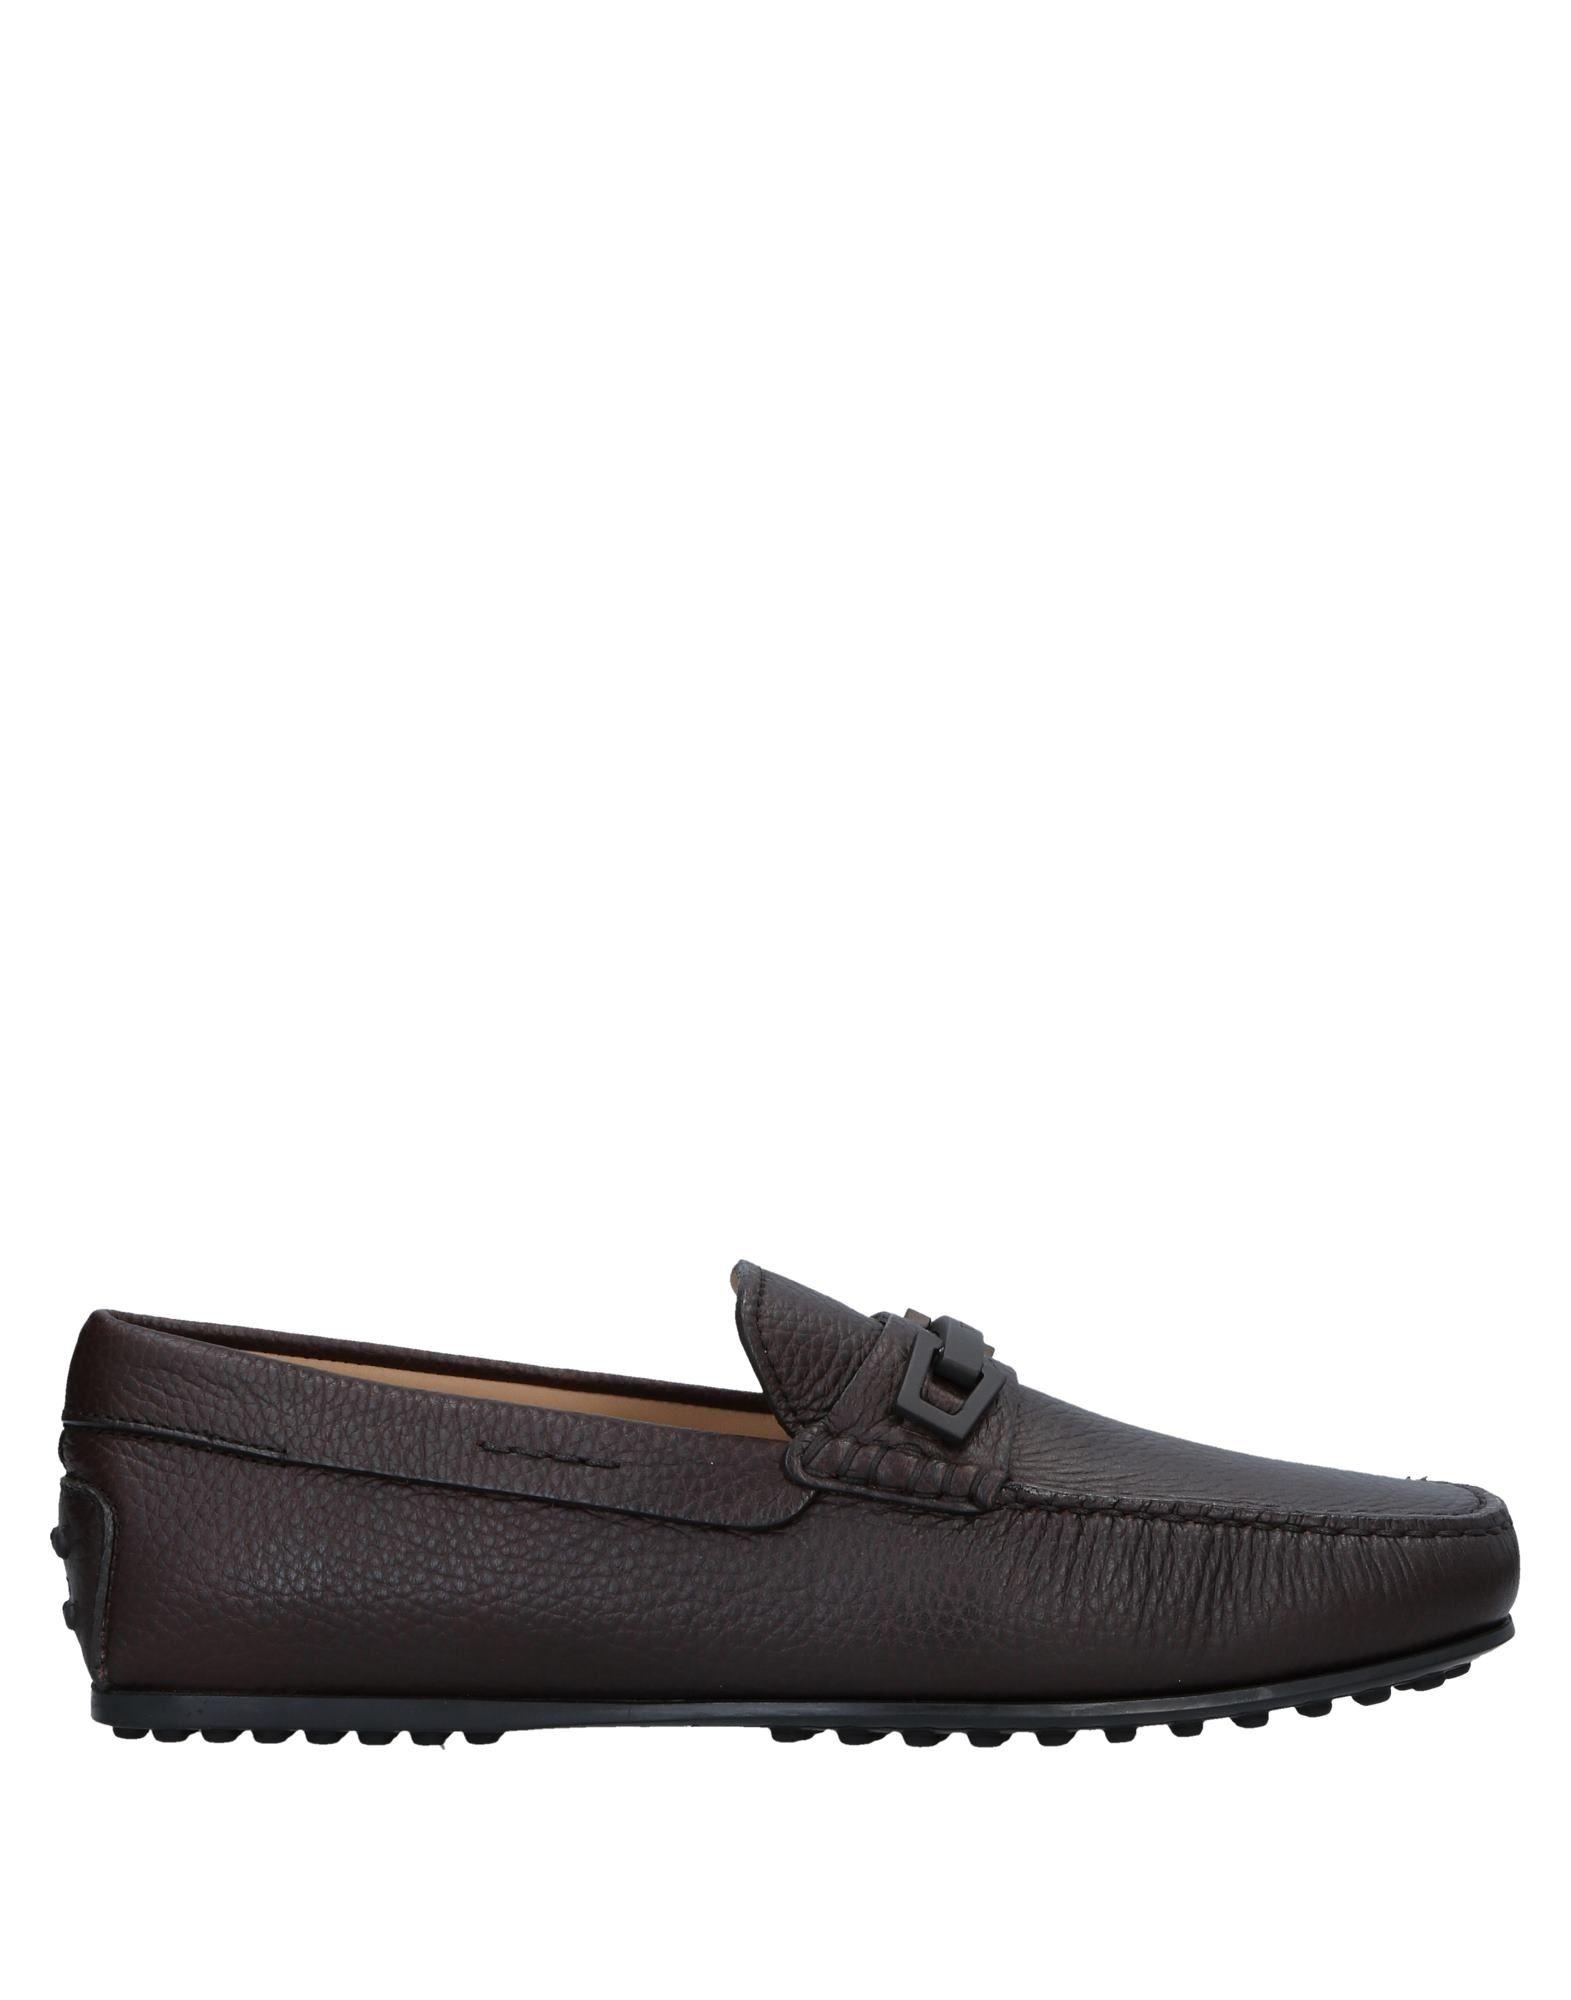 Tod's Mokassins Herren  11542945VC Gute Qualität beliebte Schuhe